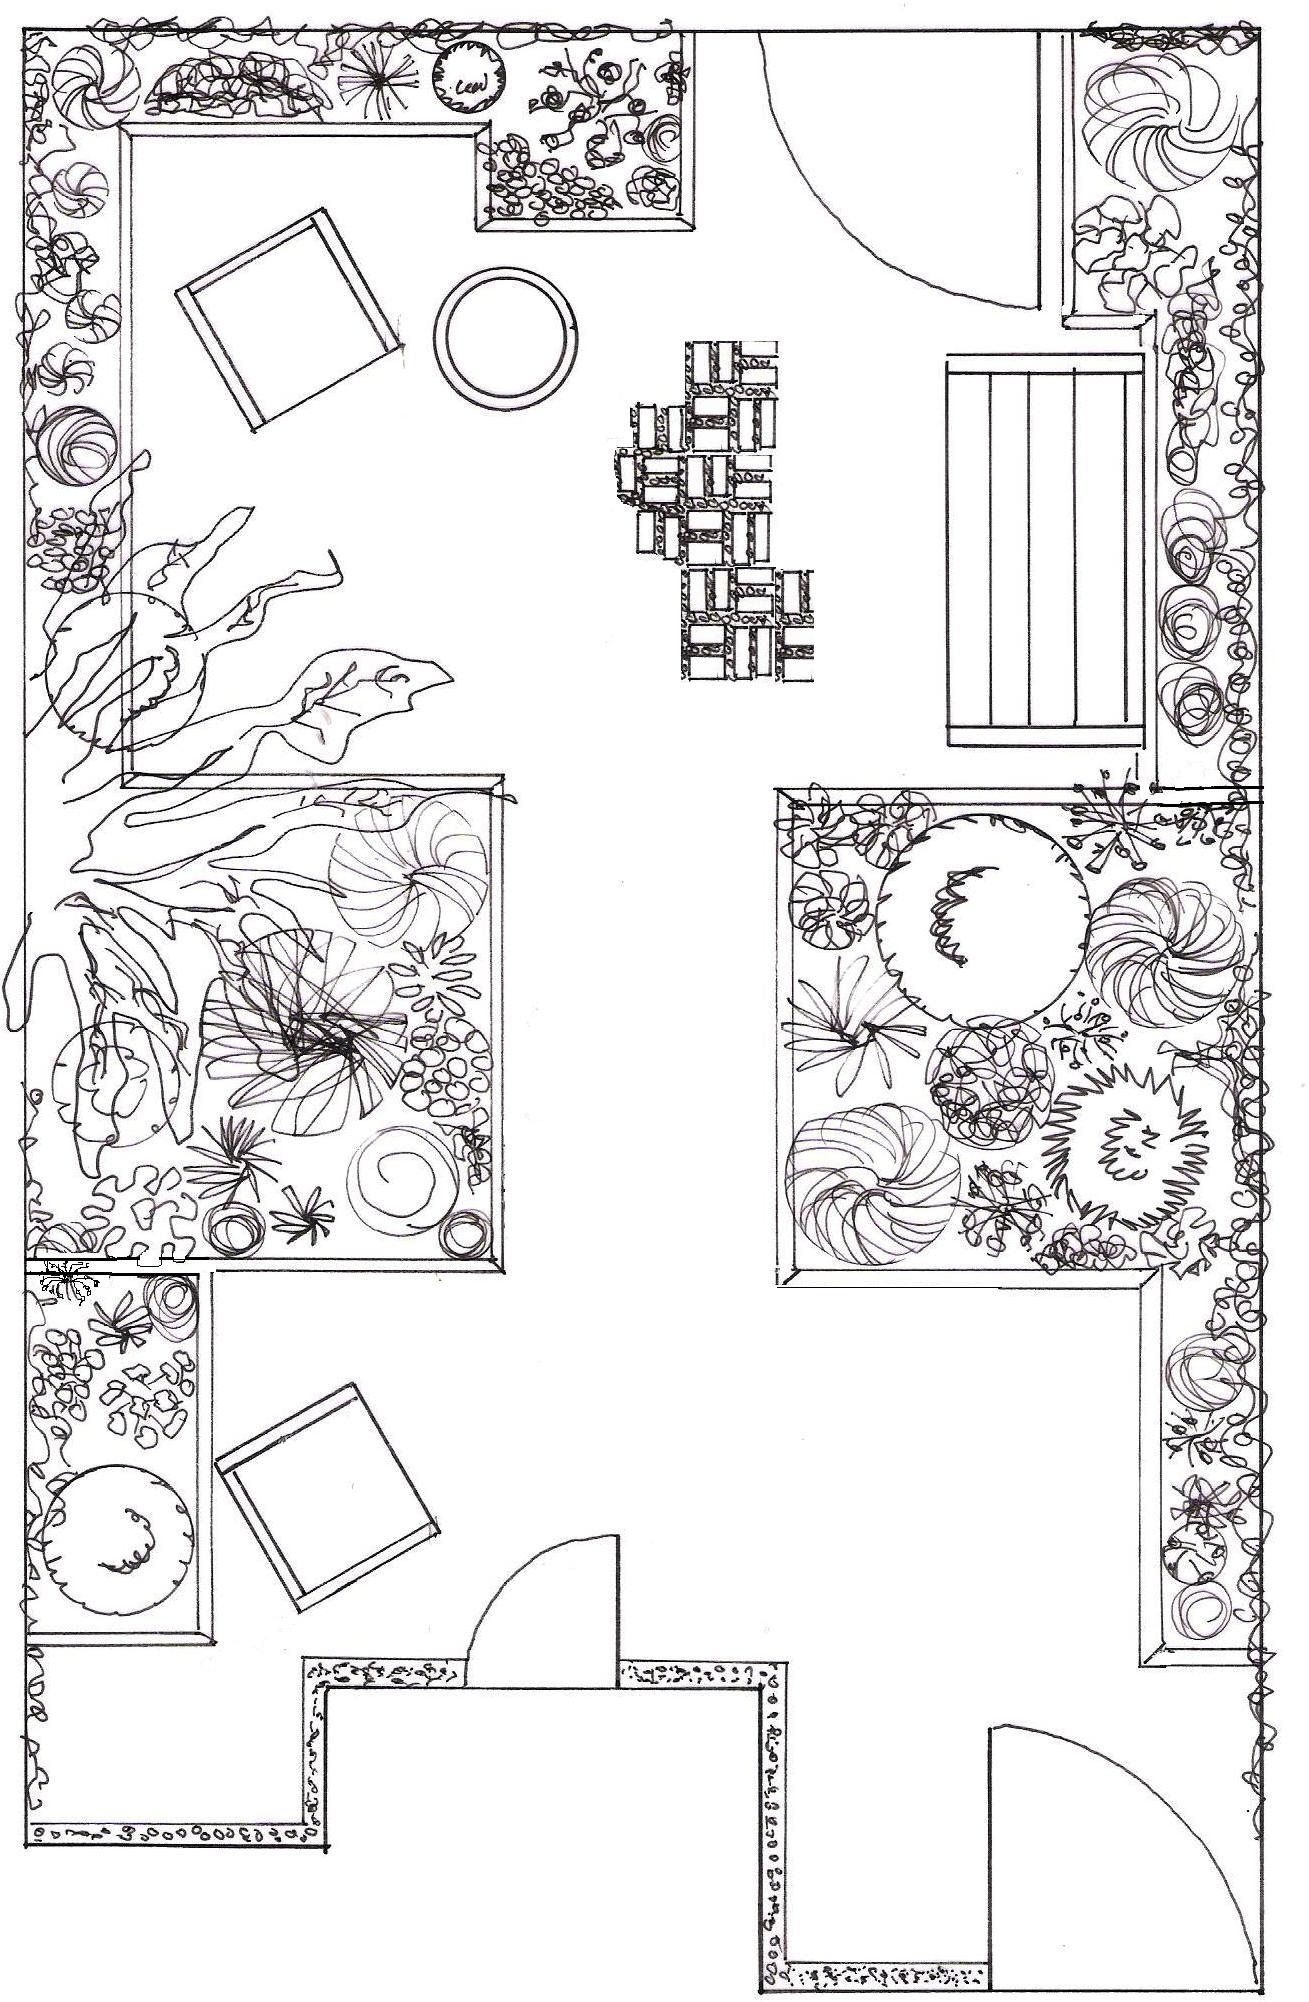 Image Result For A Small Home Designa